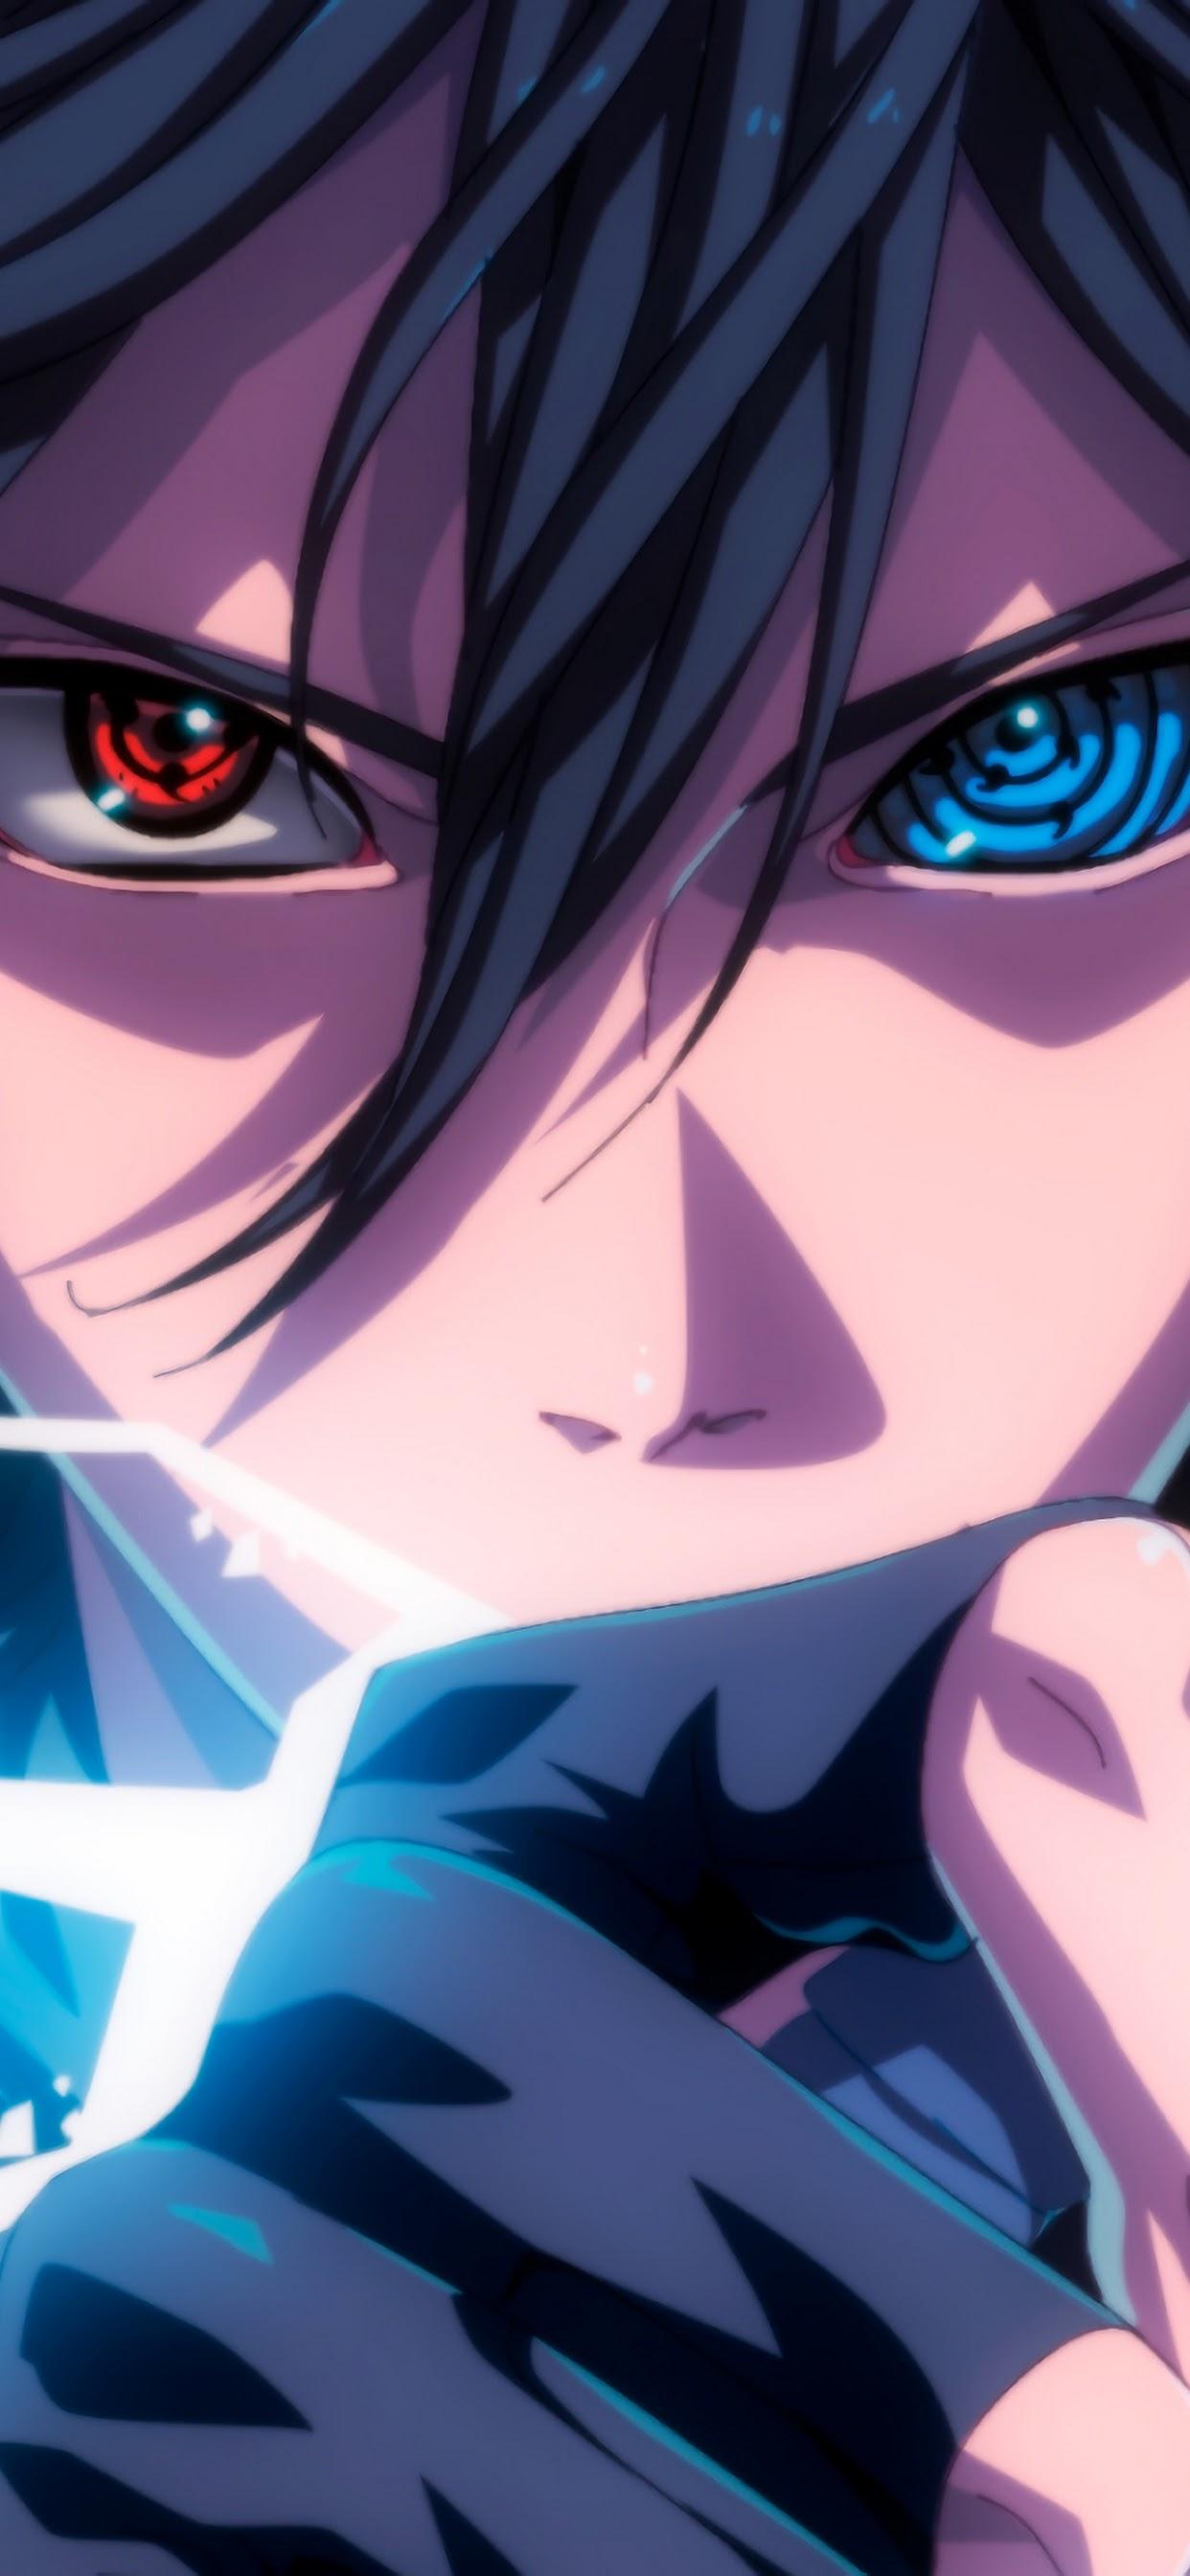 Sasuke Sharingan Rinnegan Eyes Lightning 4k Wallpaper 33